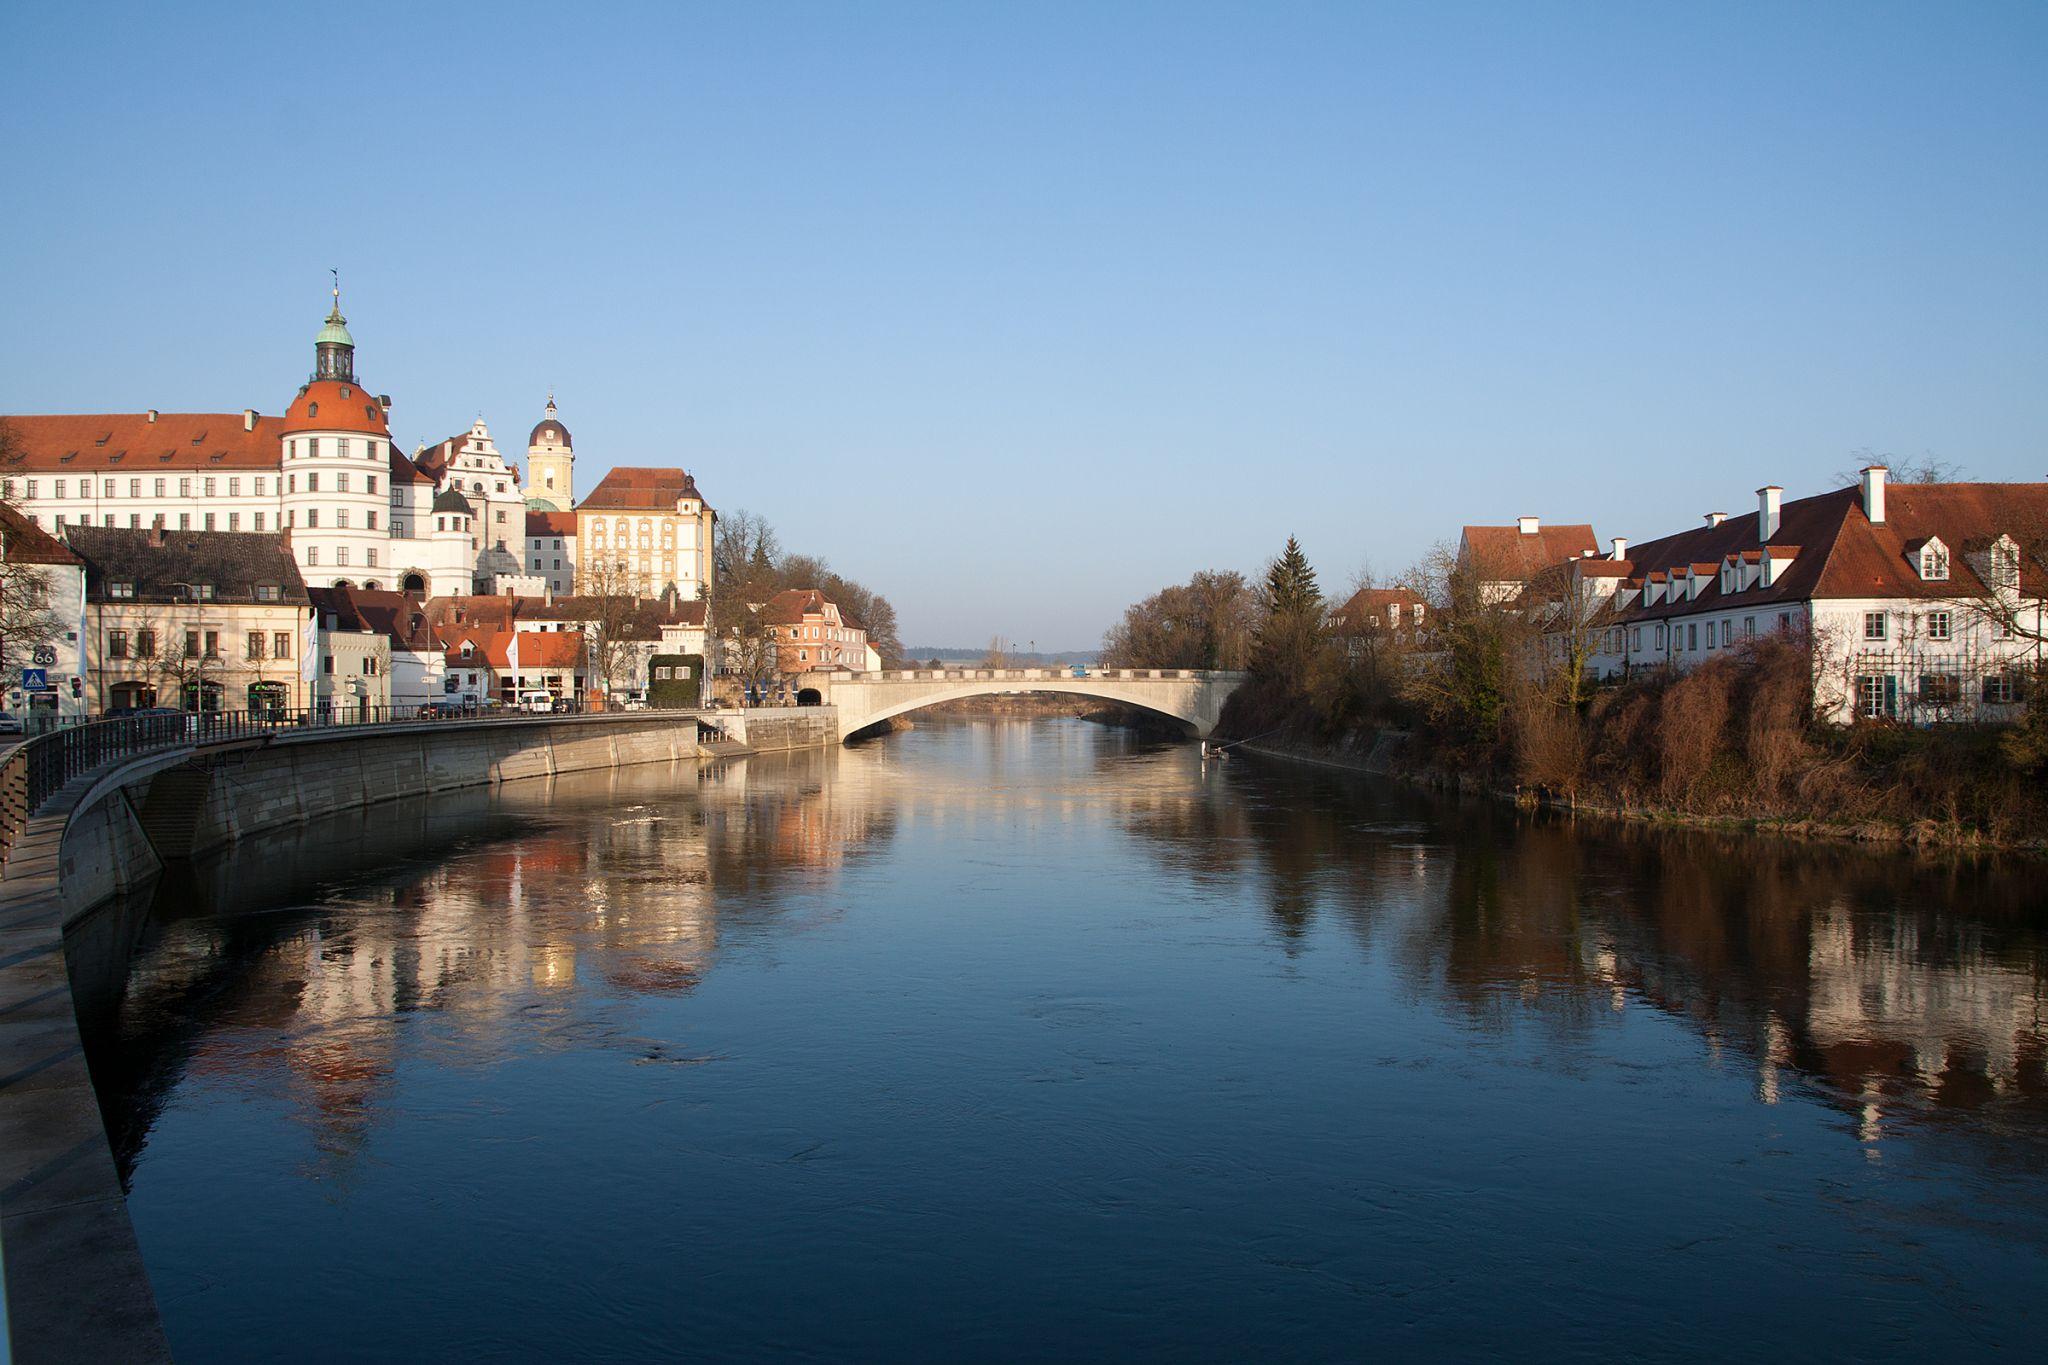 Neuburg an der Donau, Germany